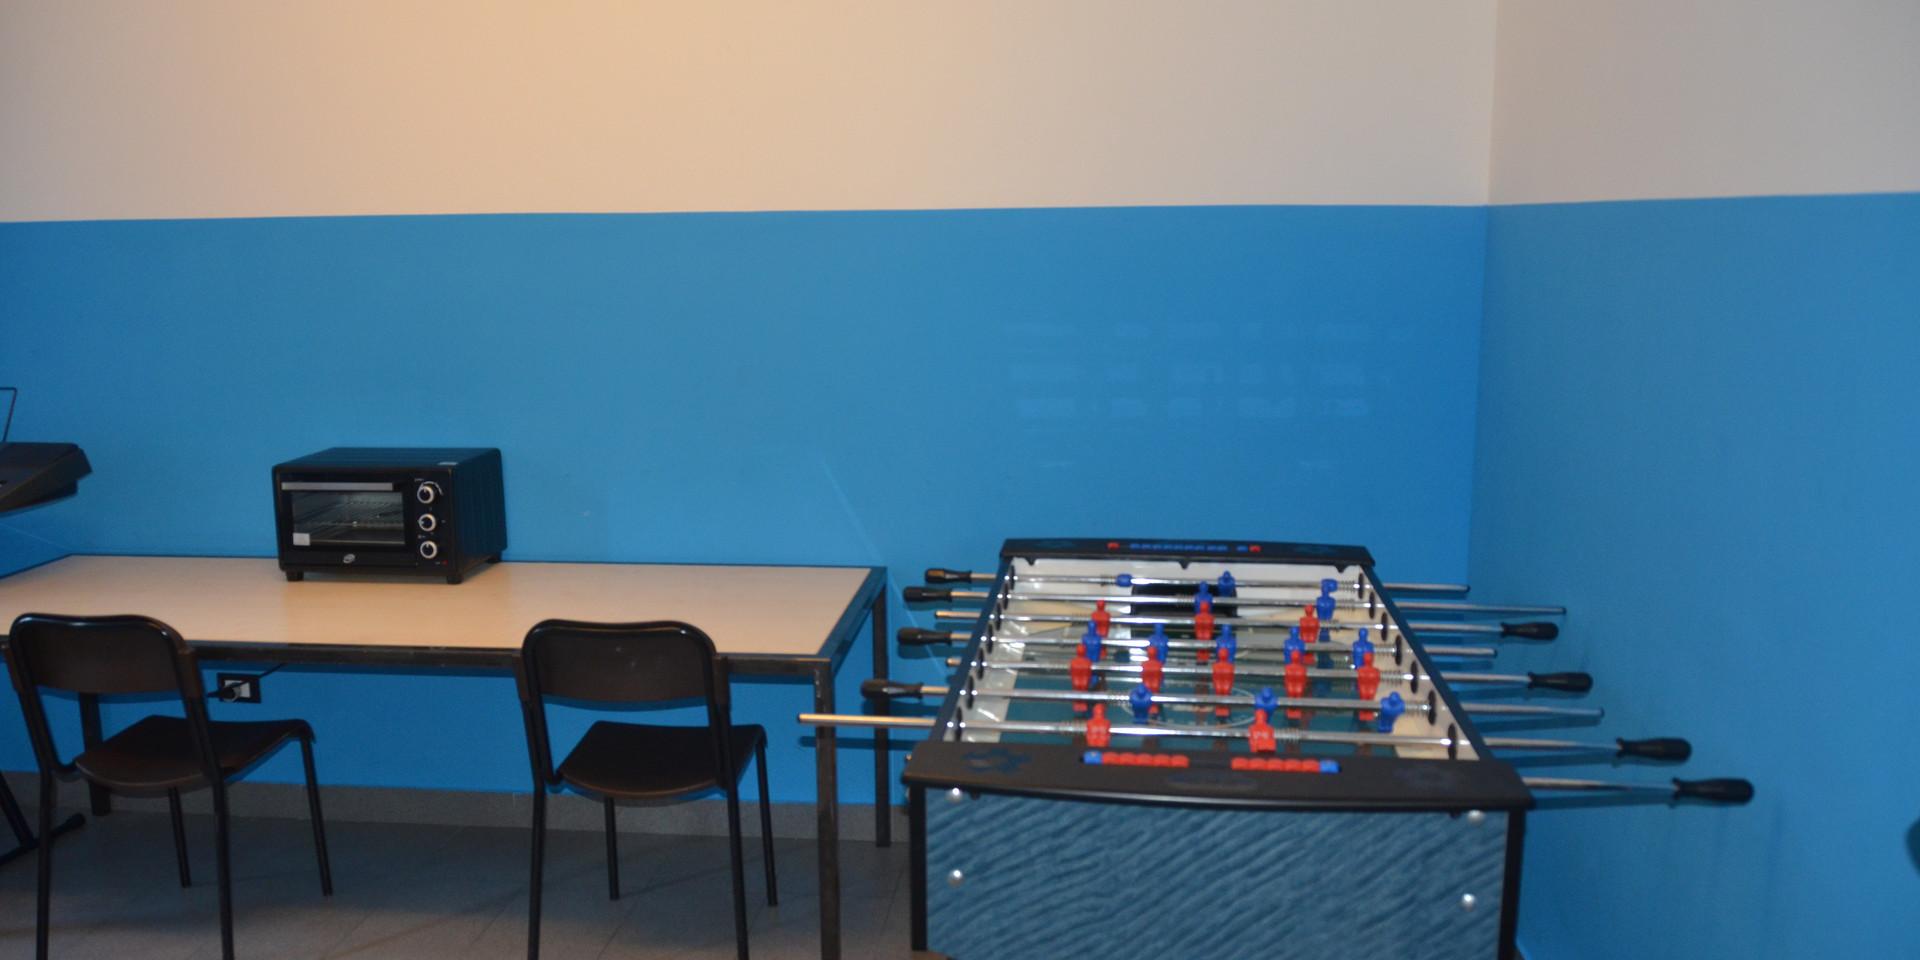 Aula azzurra